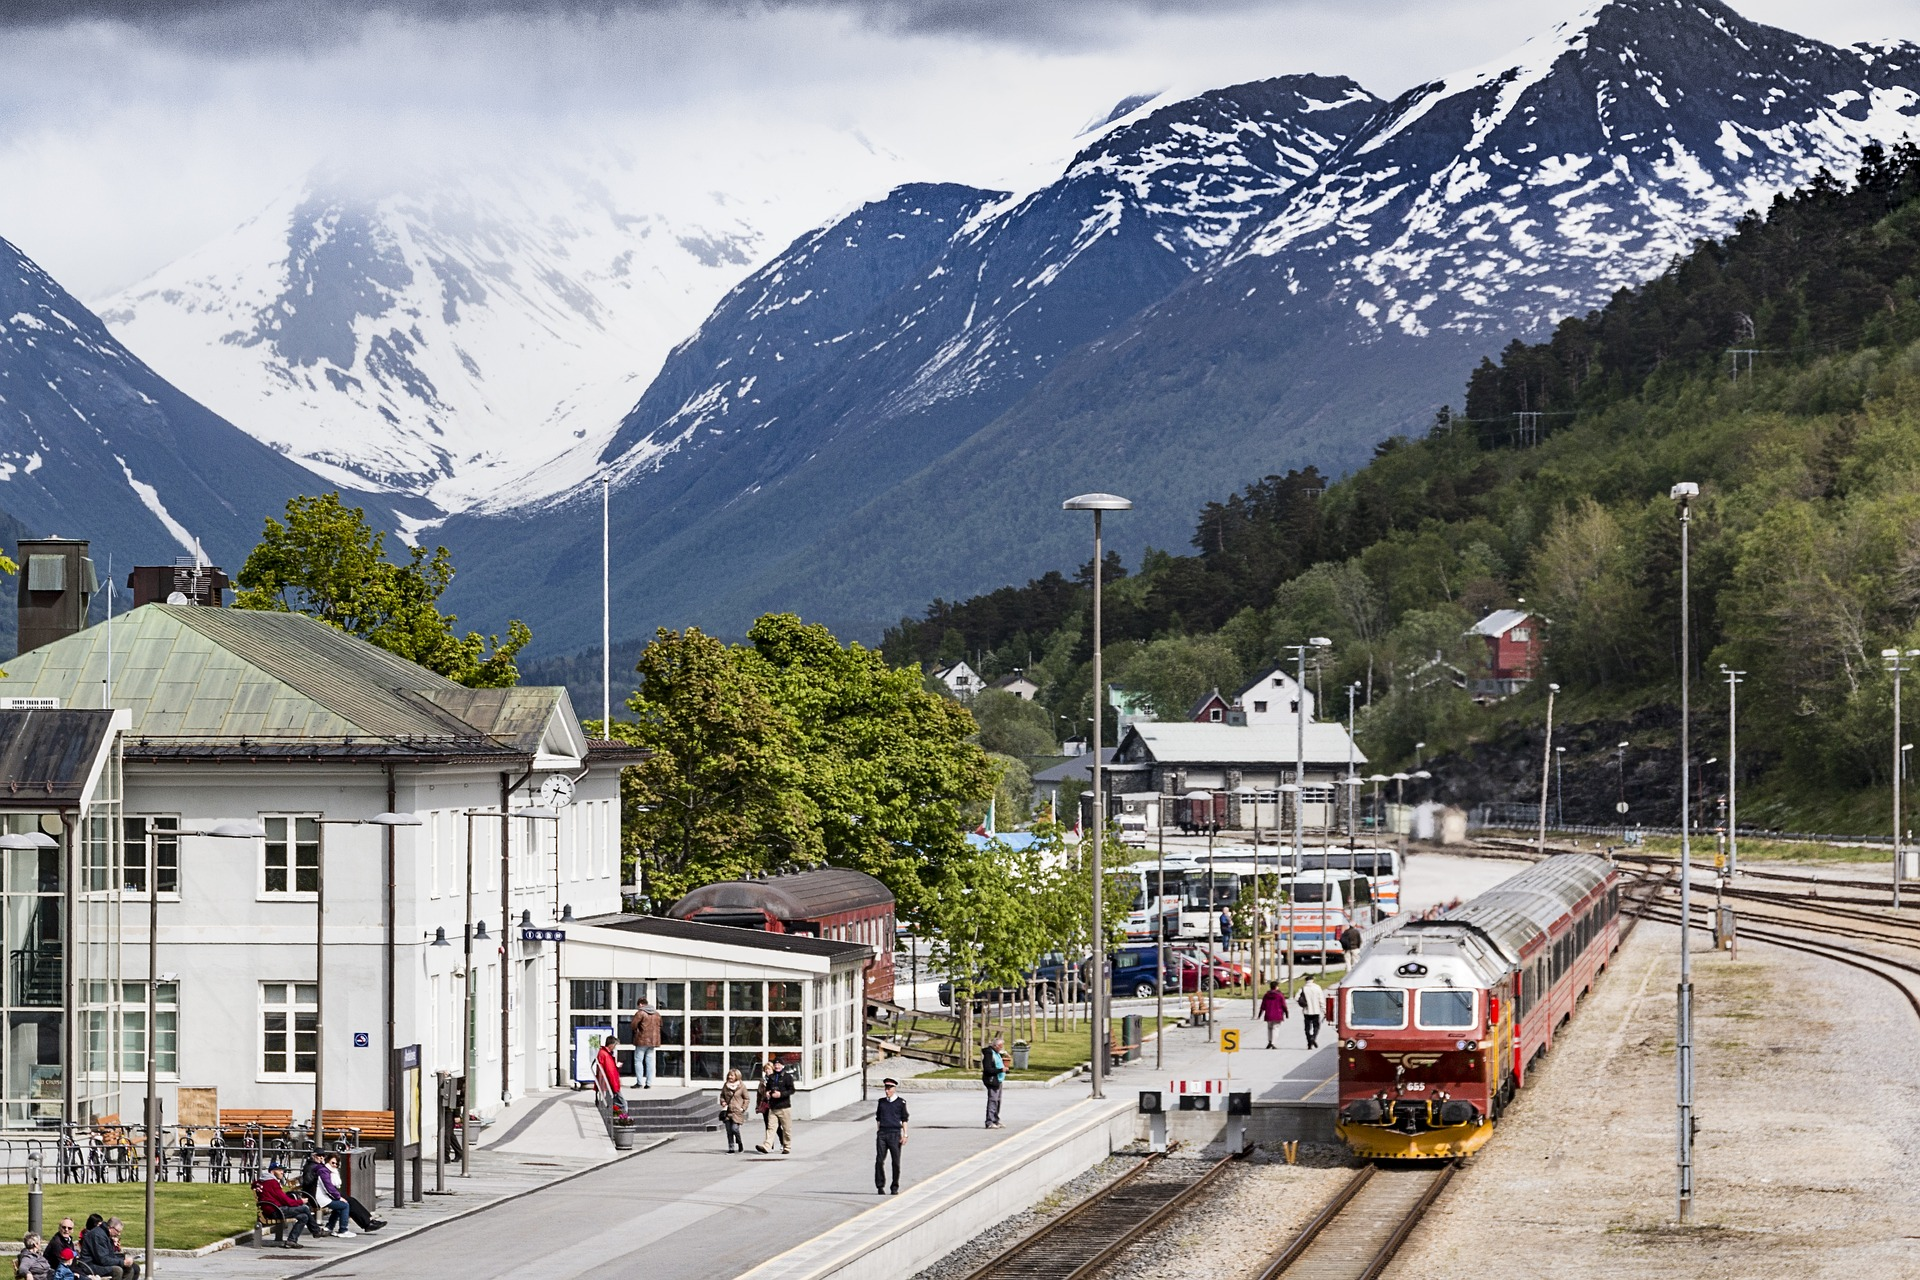 train in town.jpg